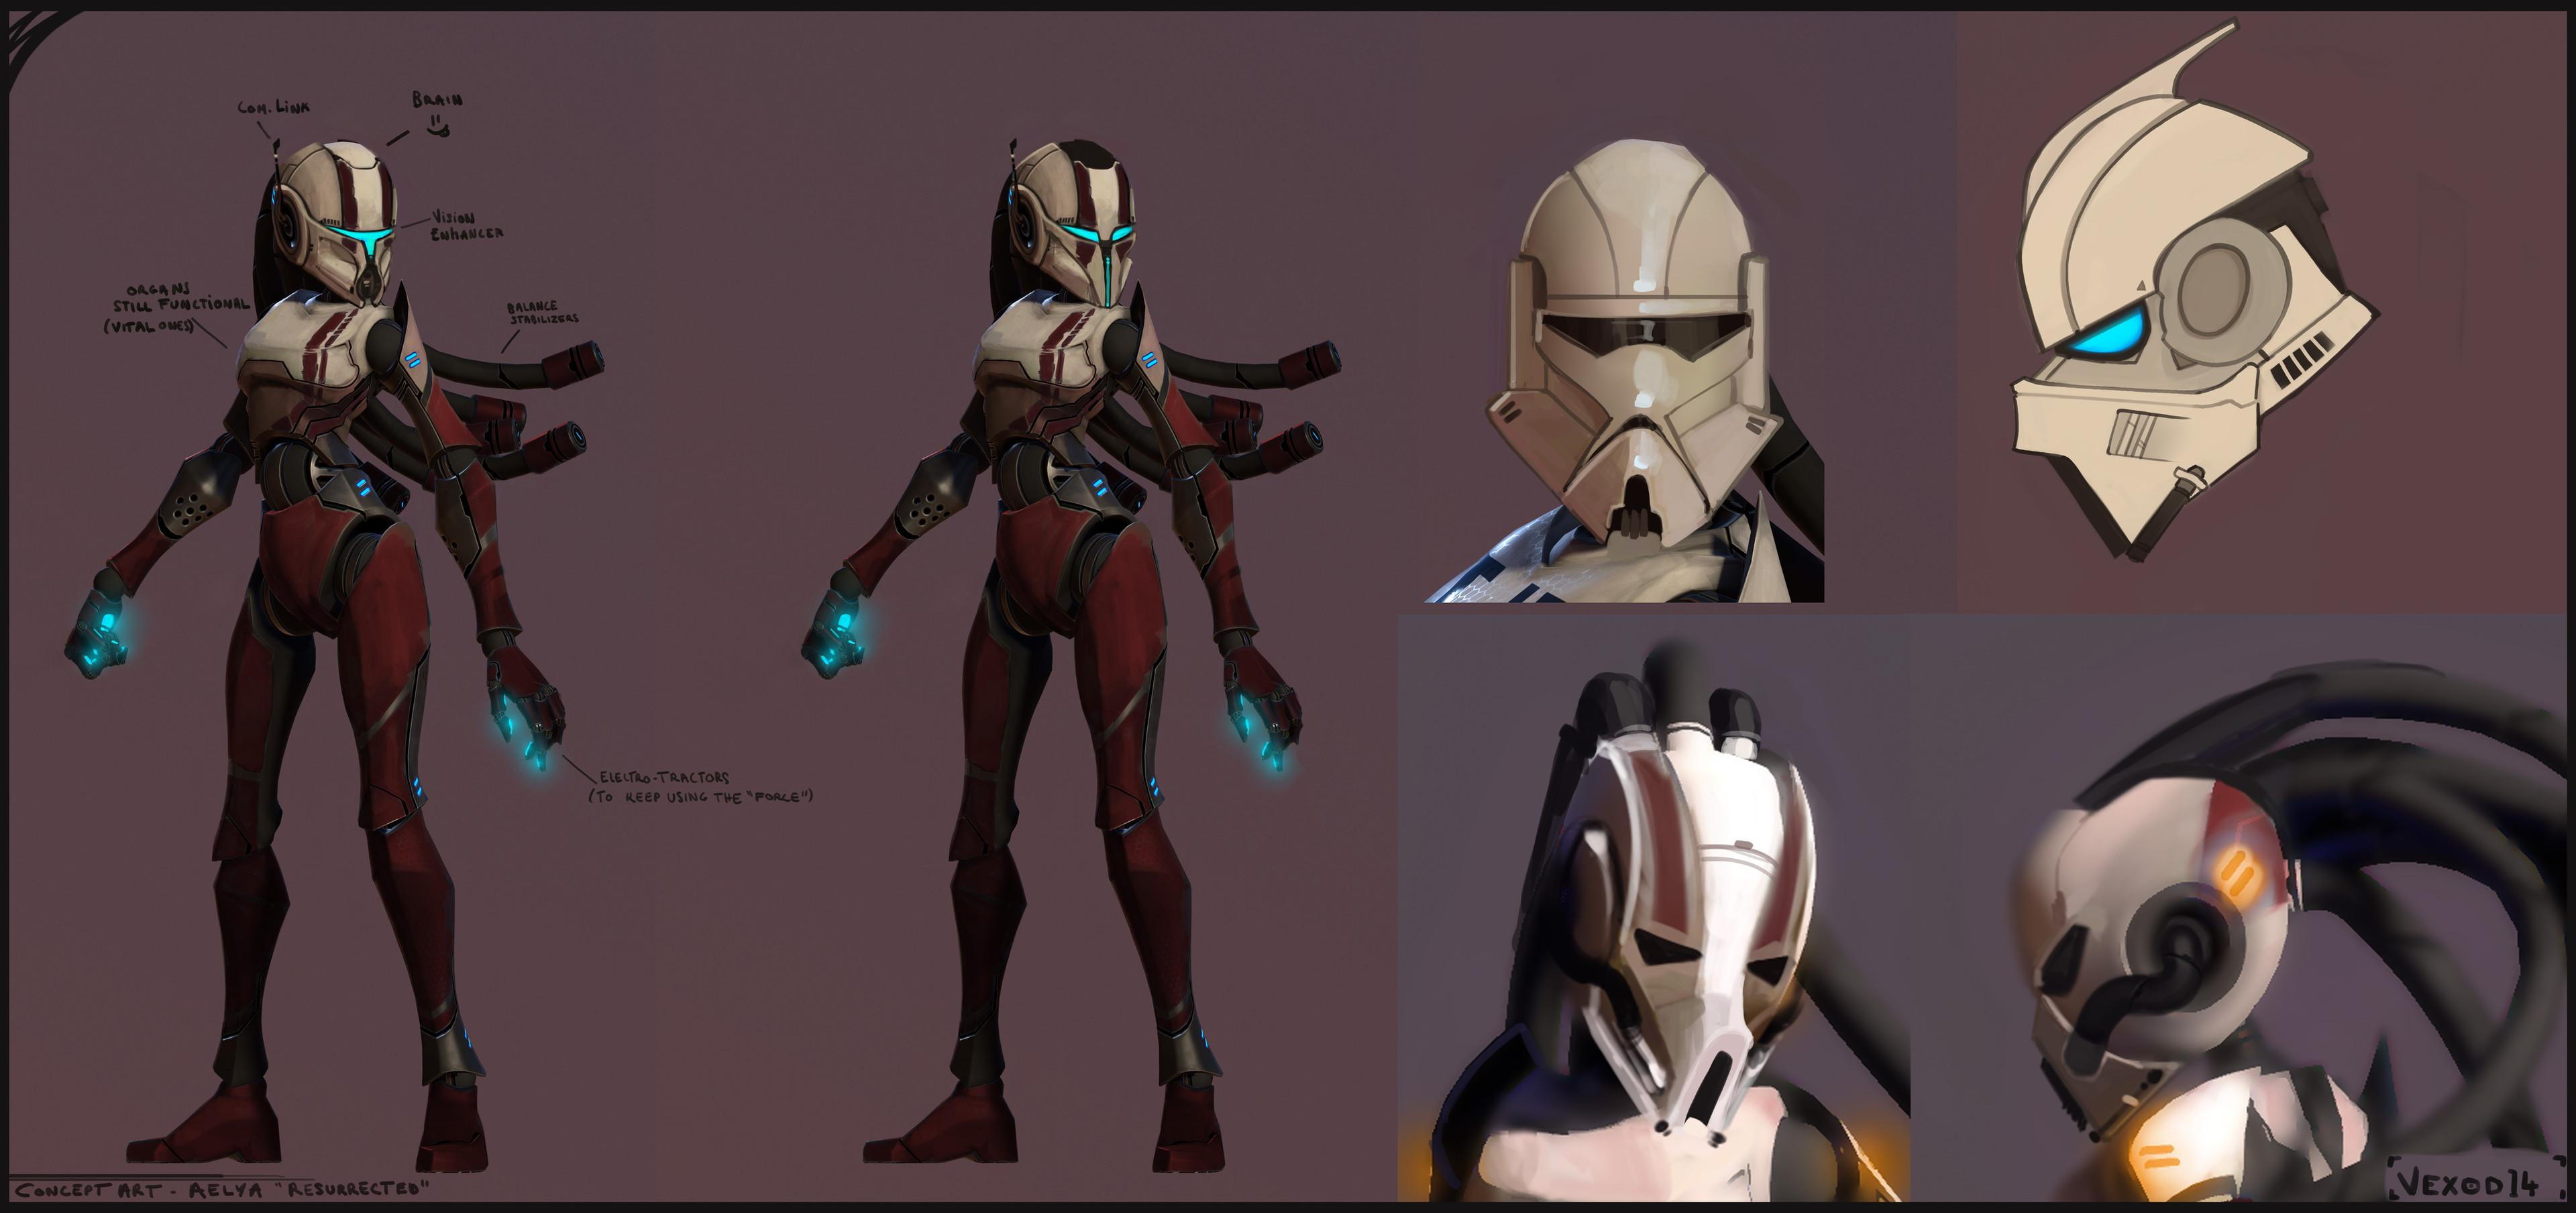 Aelya ( Mevenn's Apprentice ) - Full suit design ( from e-LysE, another character I did here : https://www.artstation.com/artwork/0g0rK )